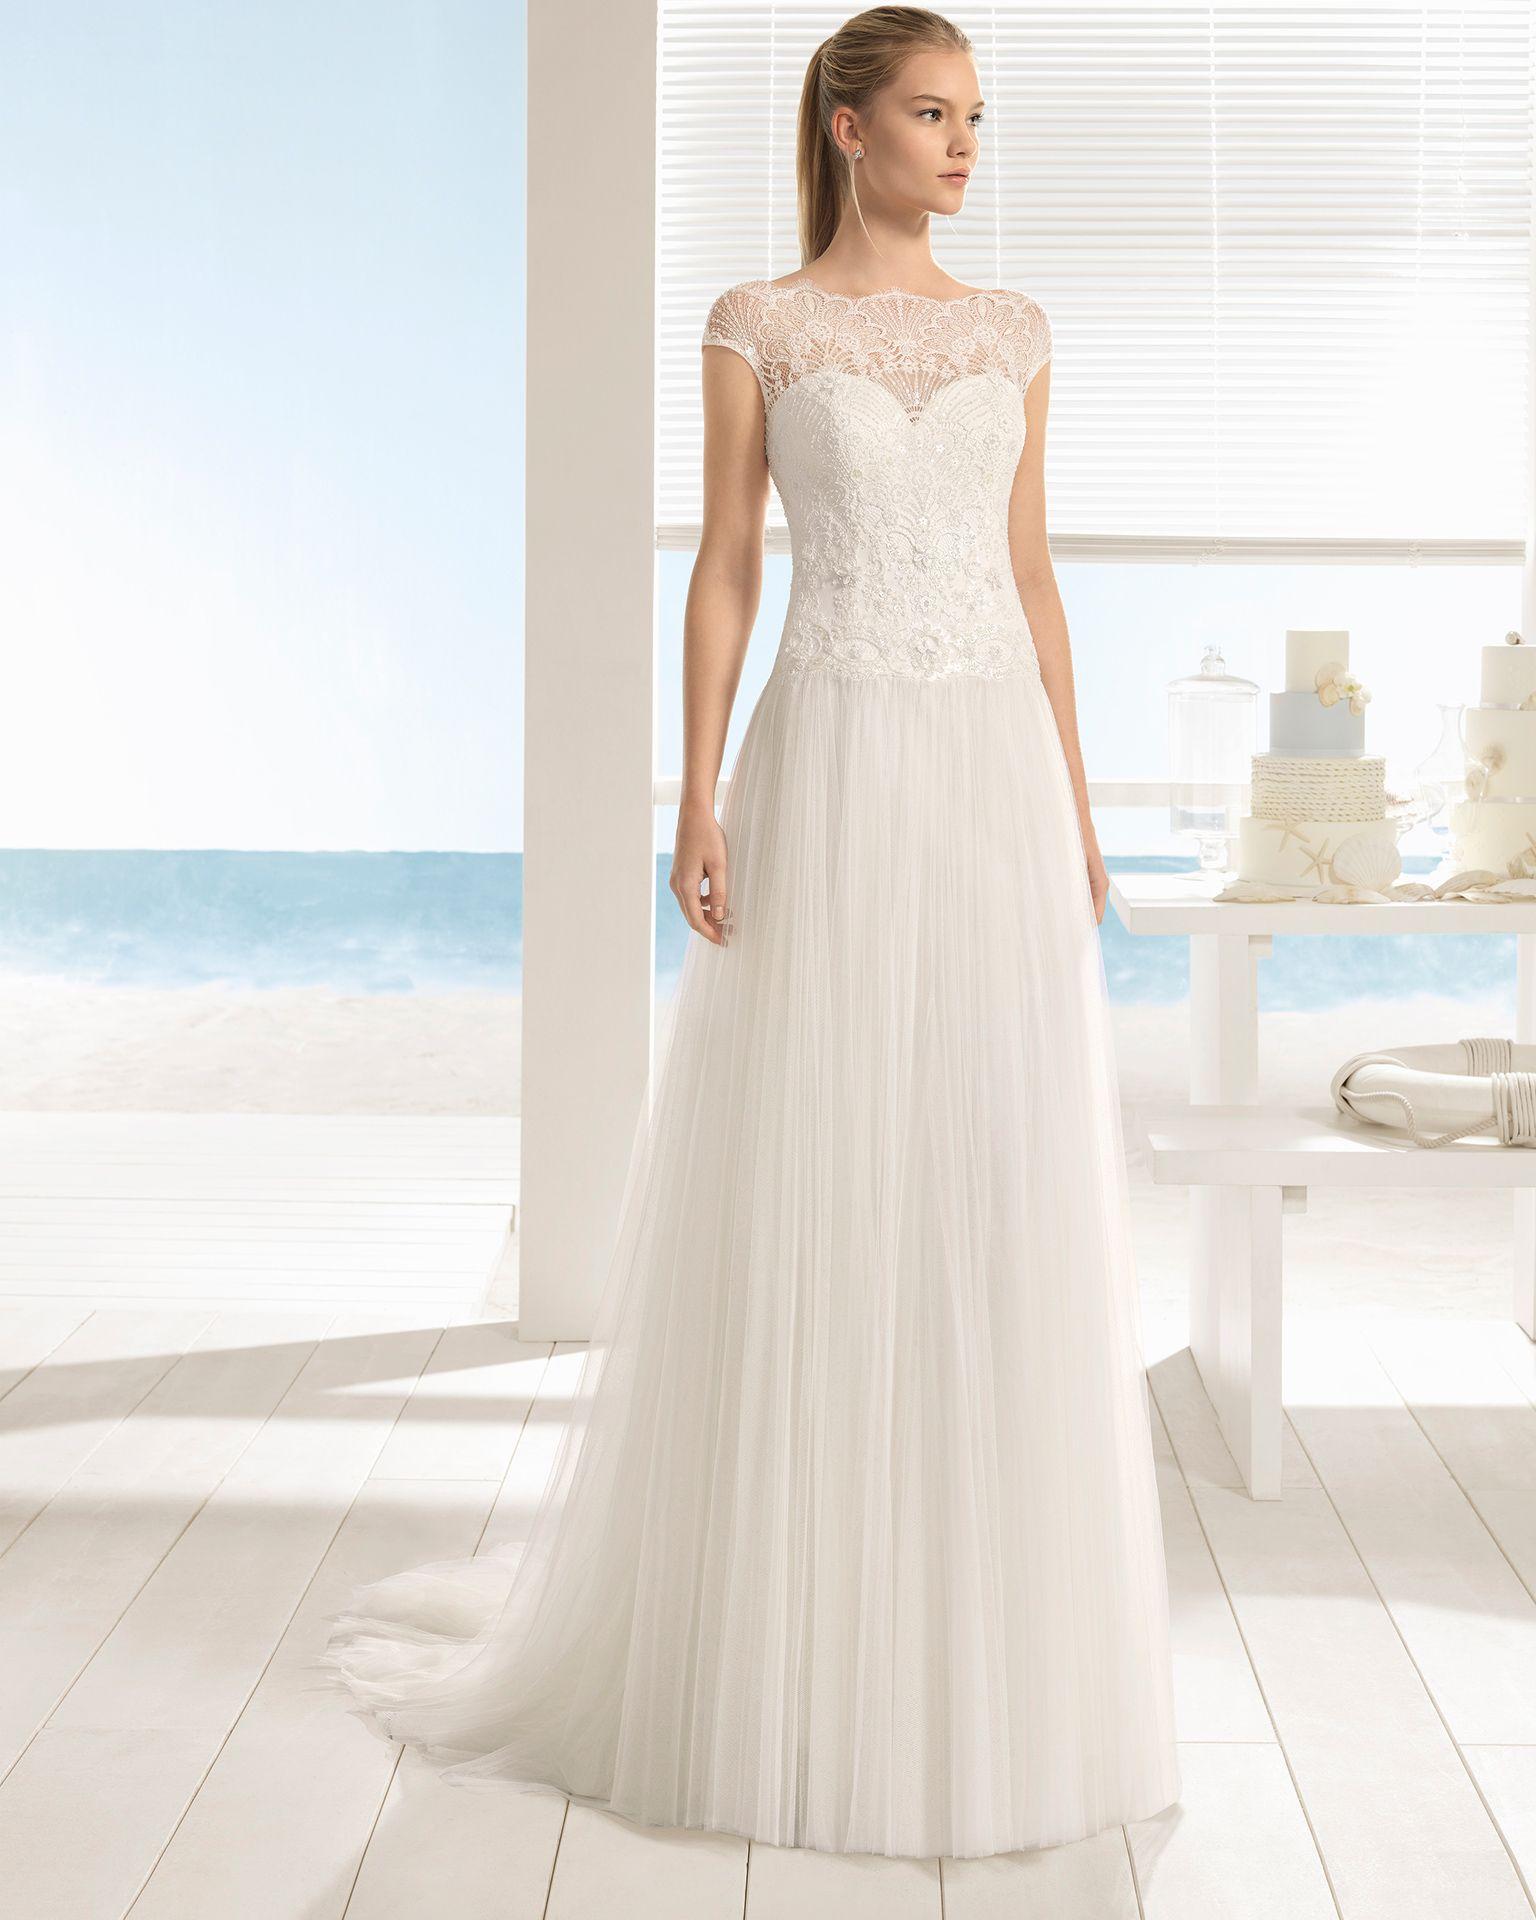 Schön Nepali Brautkleid Ideen - Hochzeit Kleid Stile Ideen ...